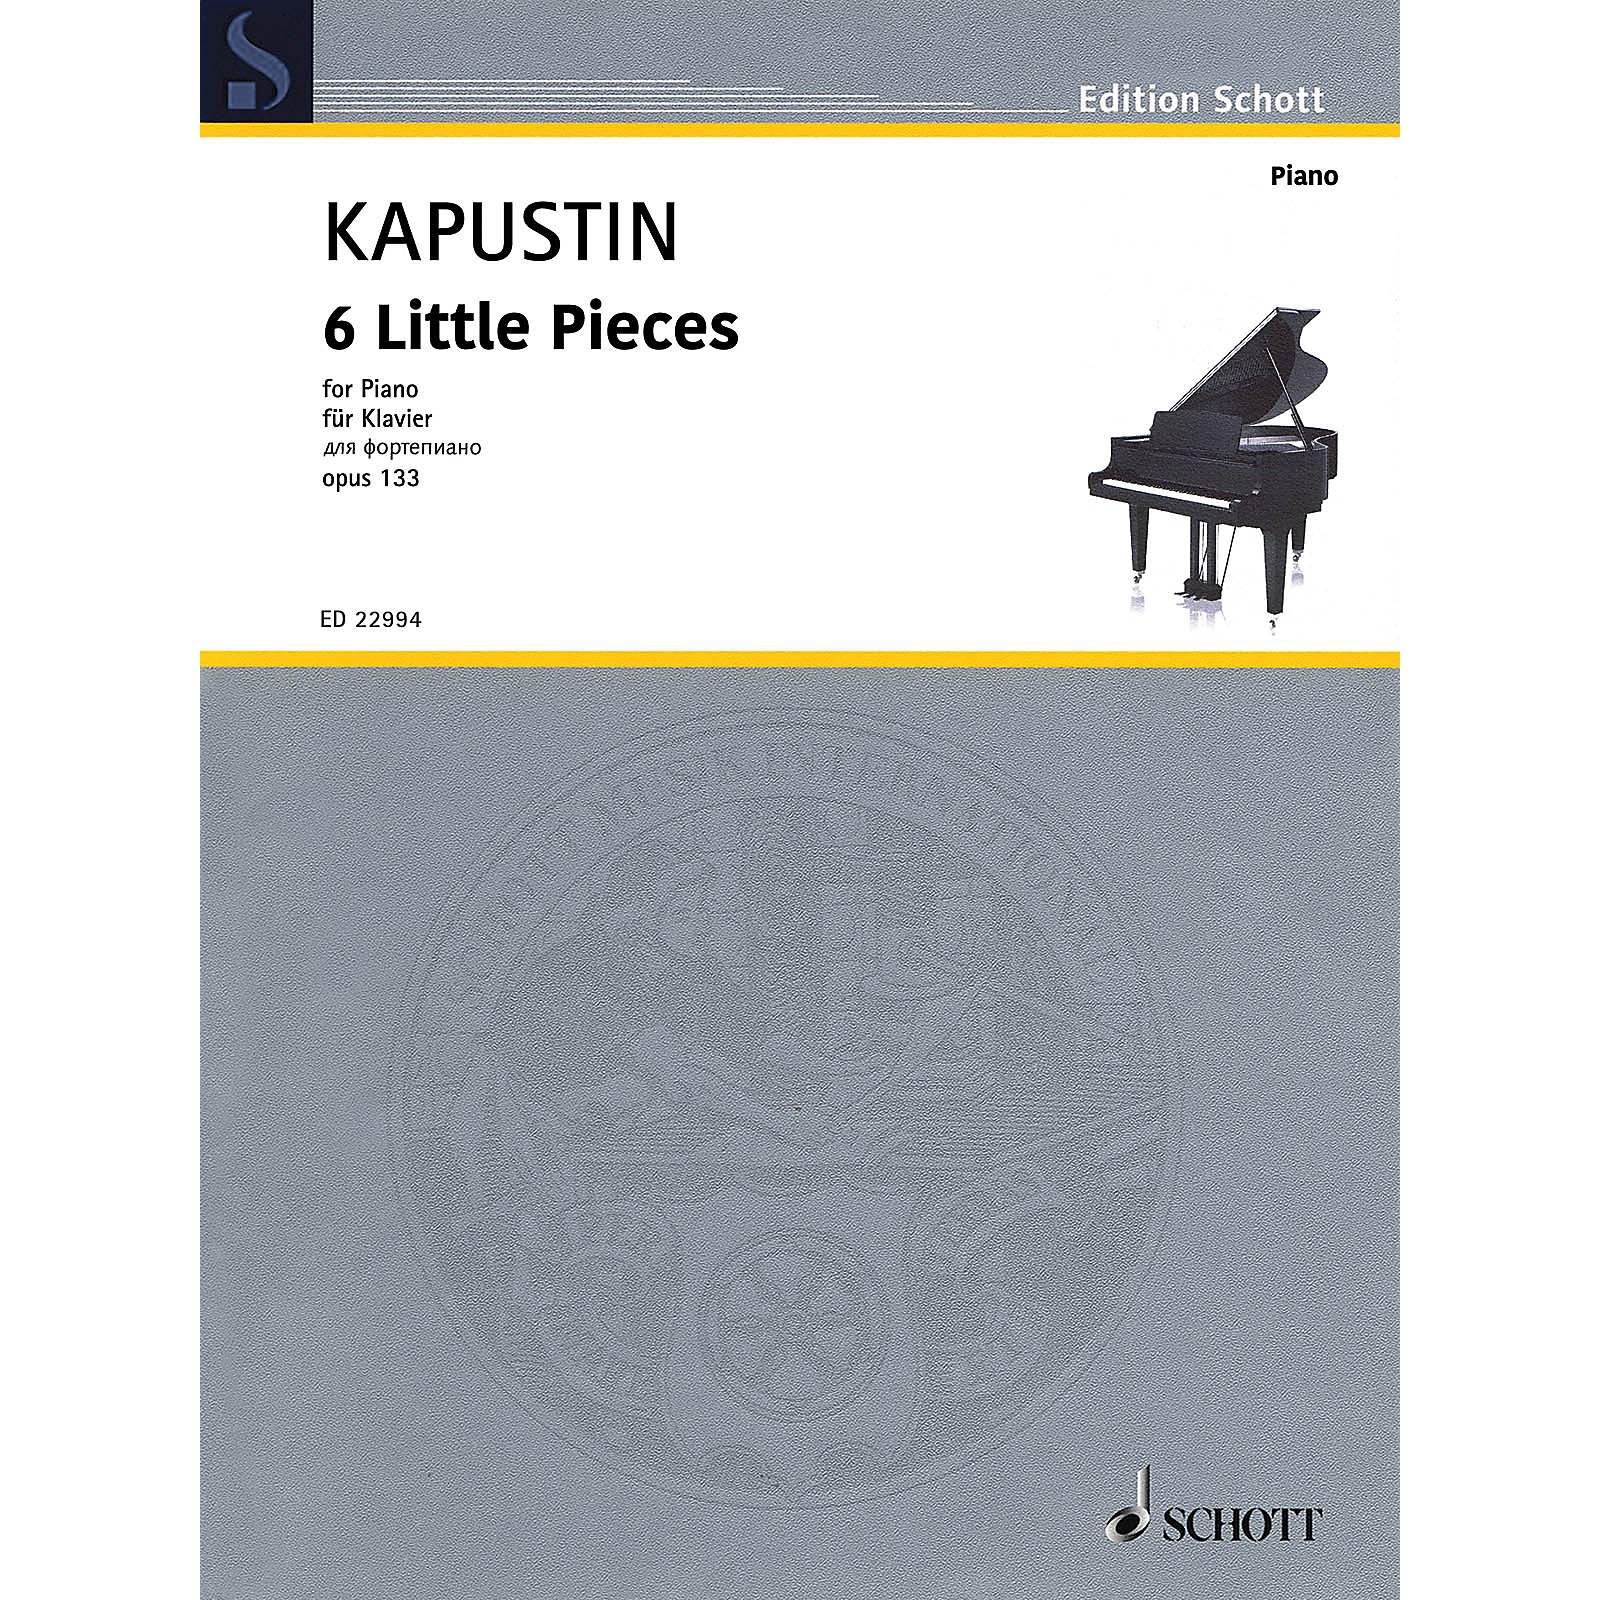 Schott 6 Little Pieces, Op. 133 Piano Solo by Kapustin